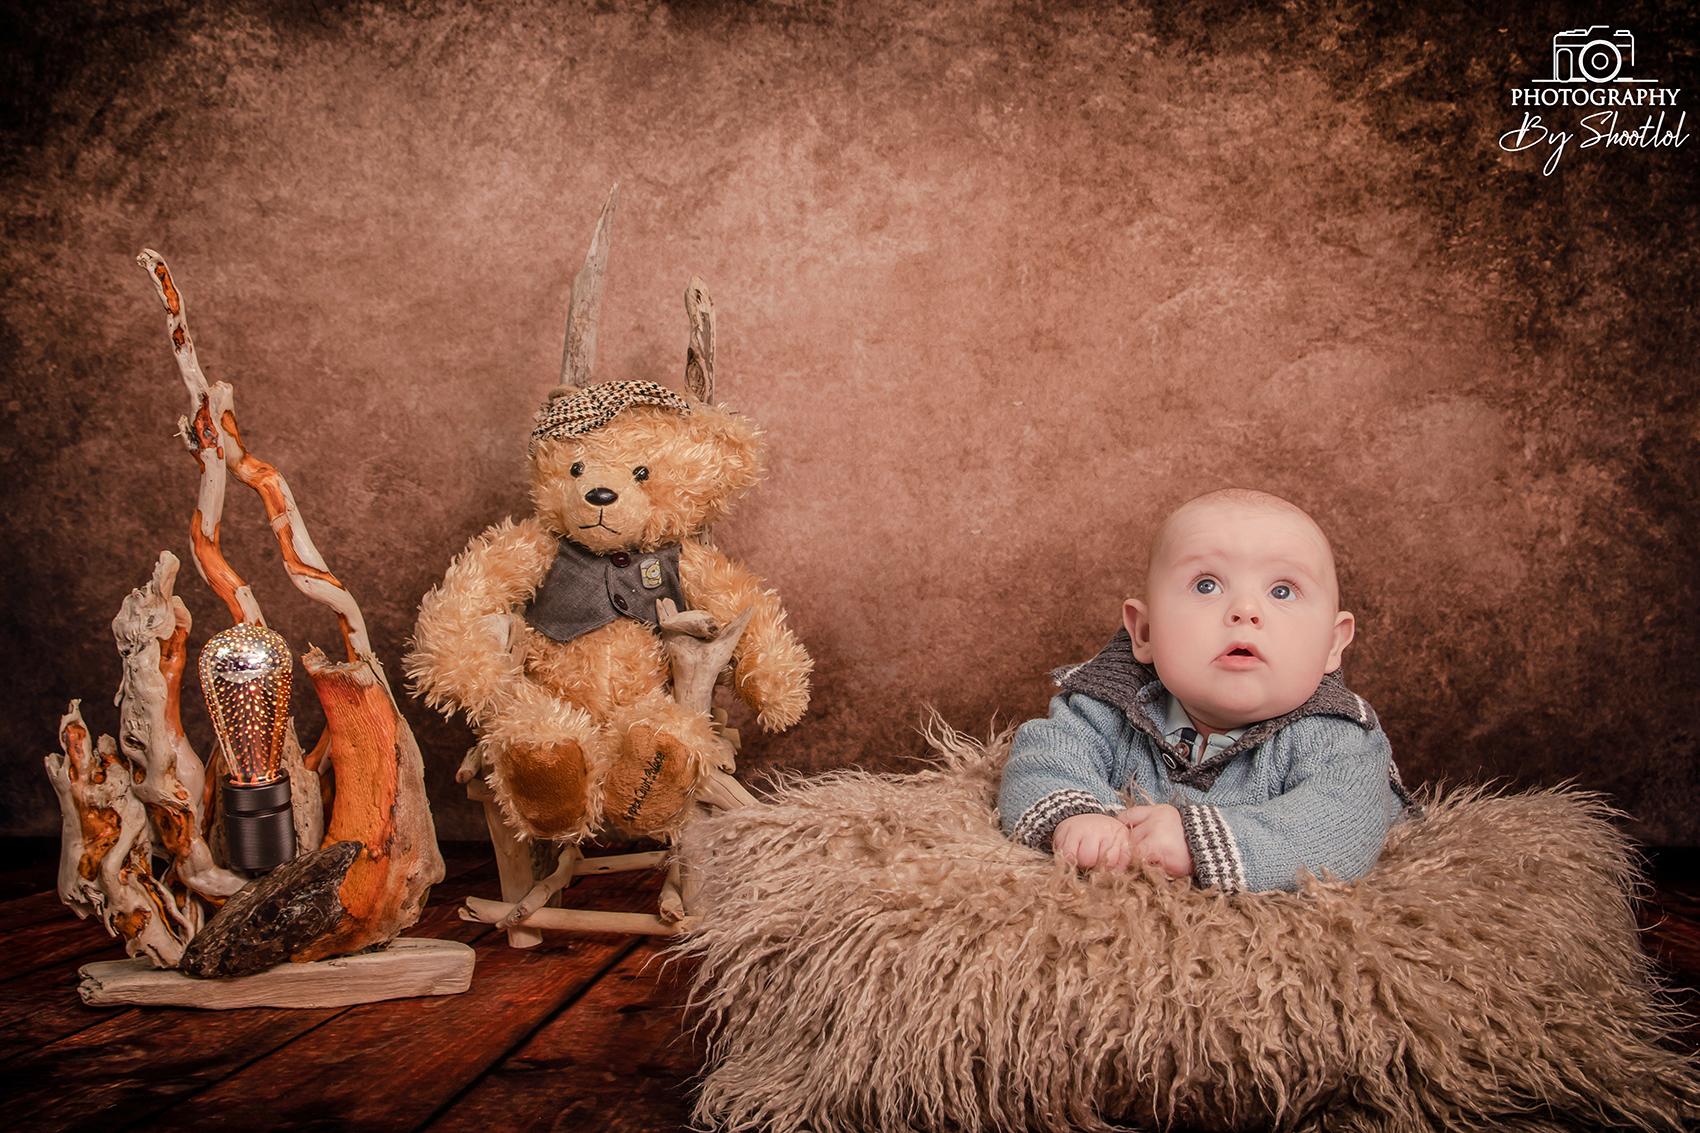 Shootlol Photographe basé dans l'Hérault ( Gigean, Poussan, Sète, Loupian, Fabrègues, Frontignan, Balaruc, Mèze, Montbazin...) Photographe pour bébé